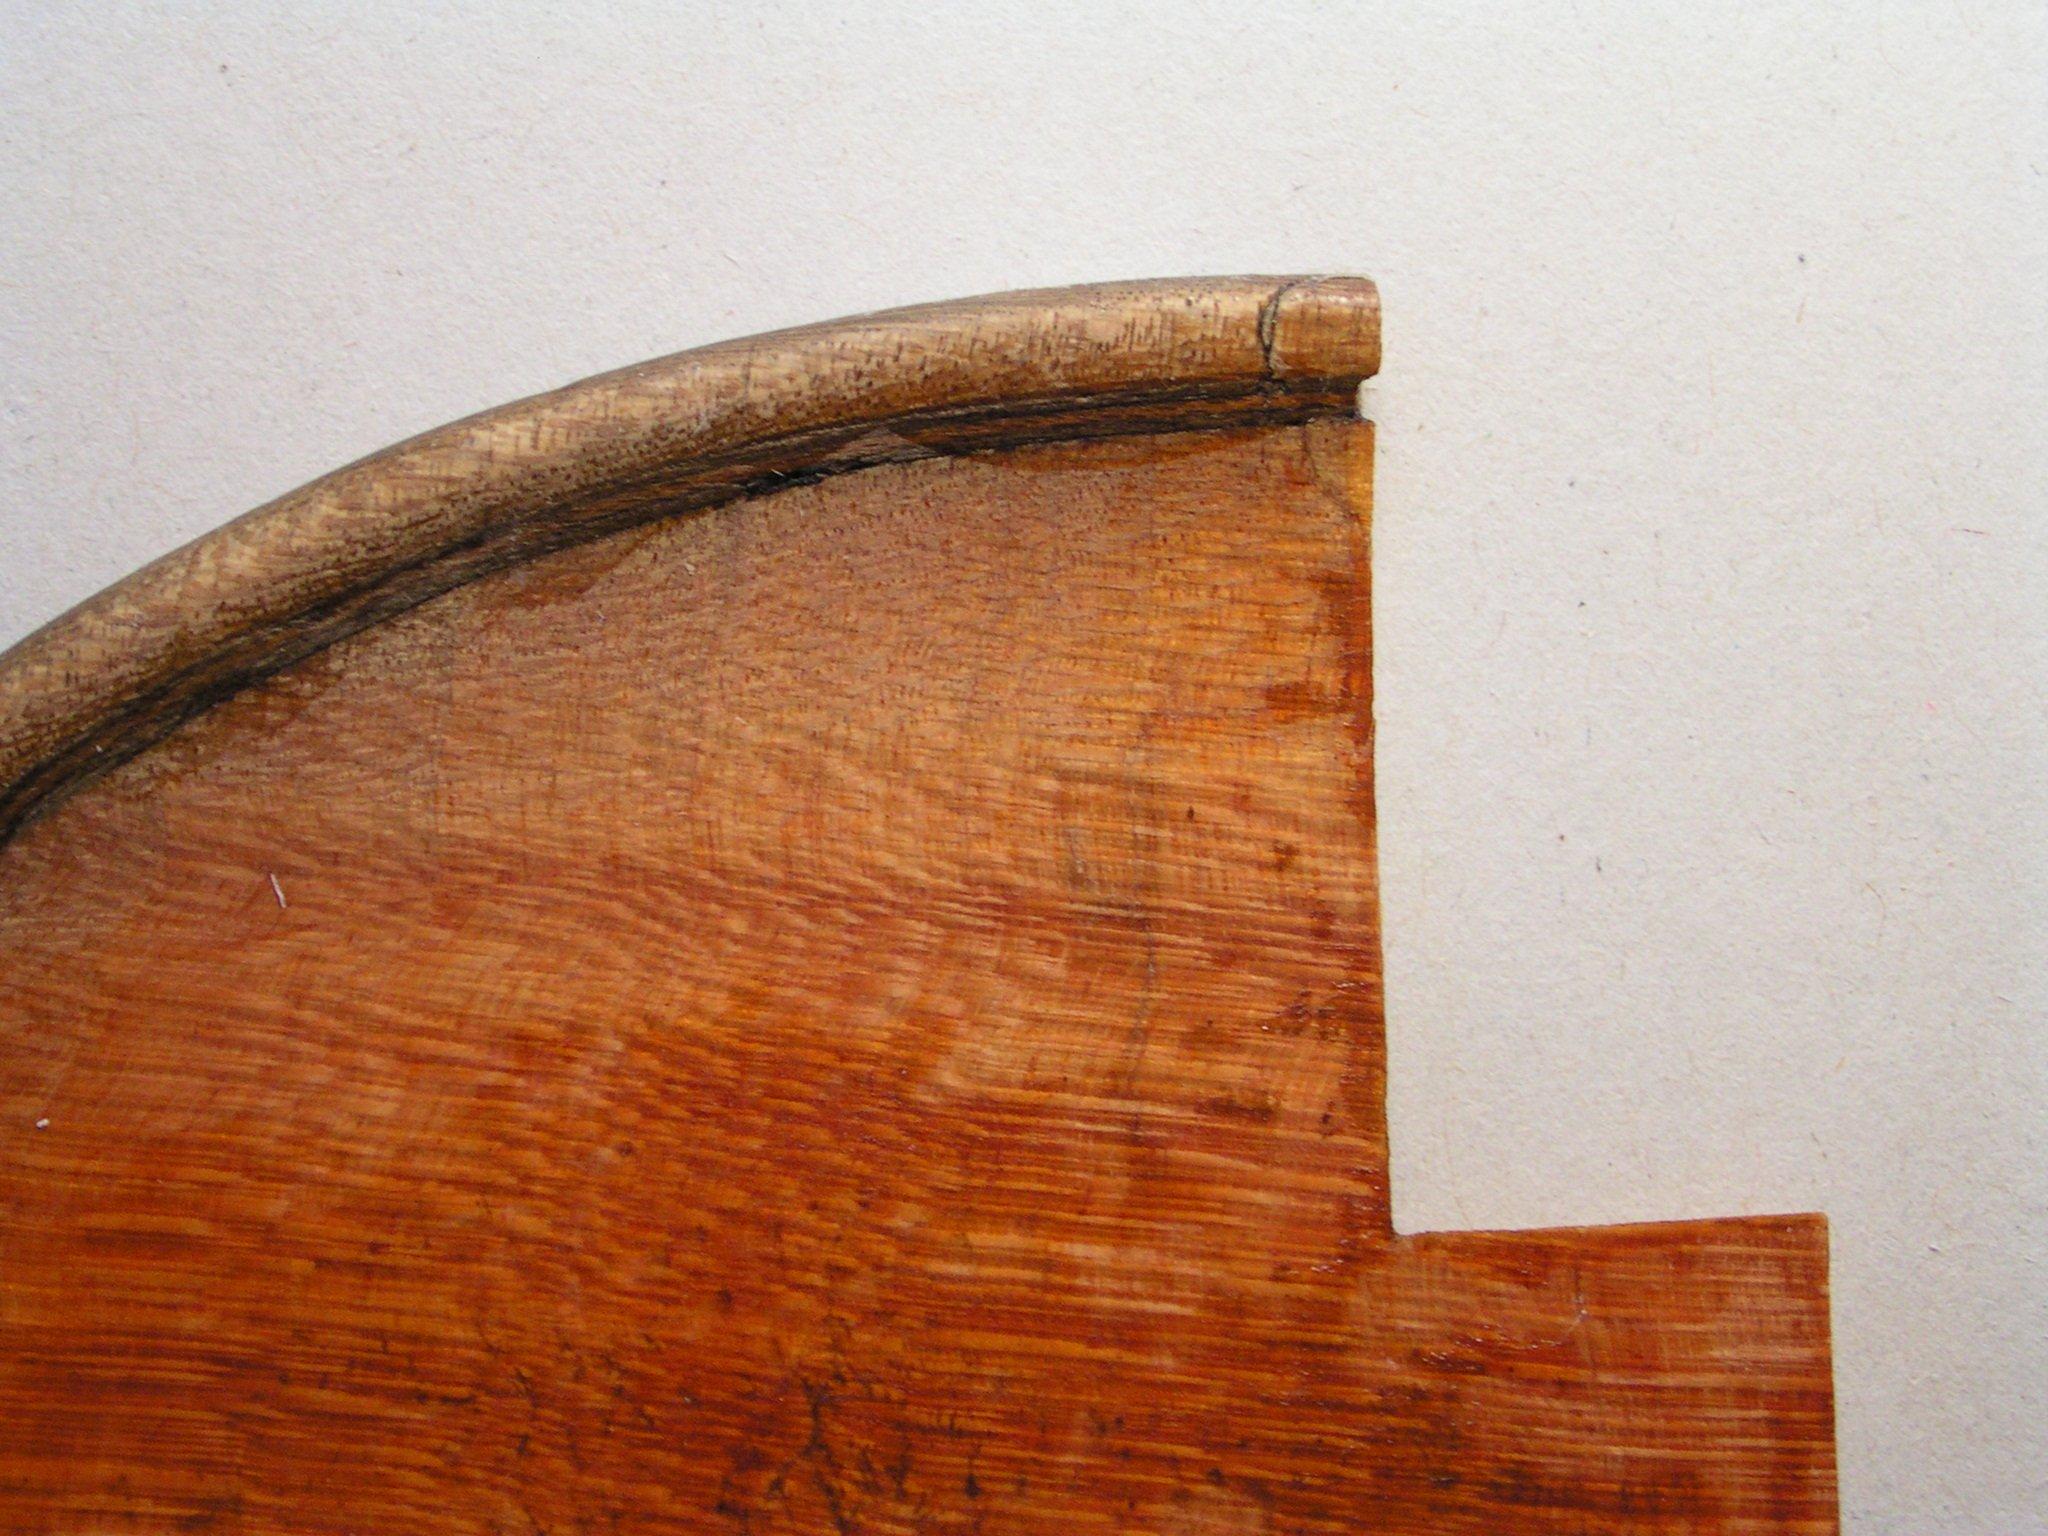 schlecht passendes Holzstück entfernt